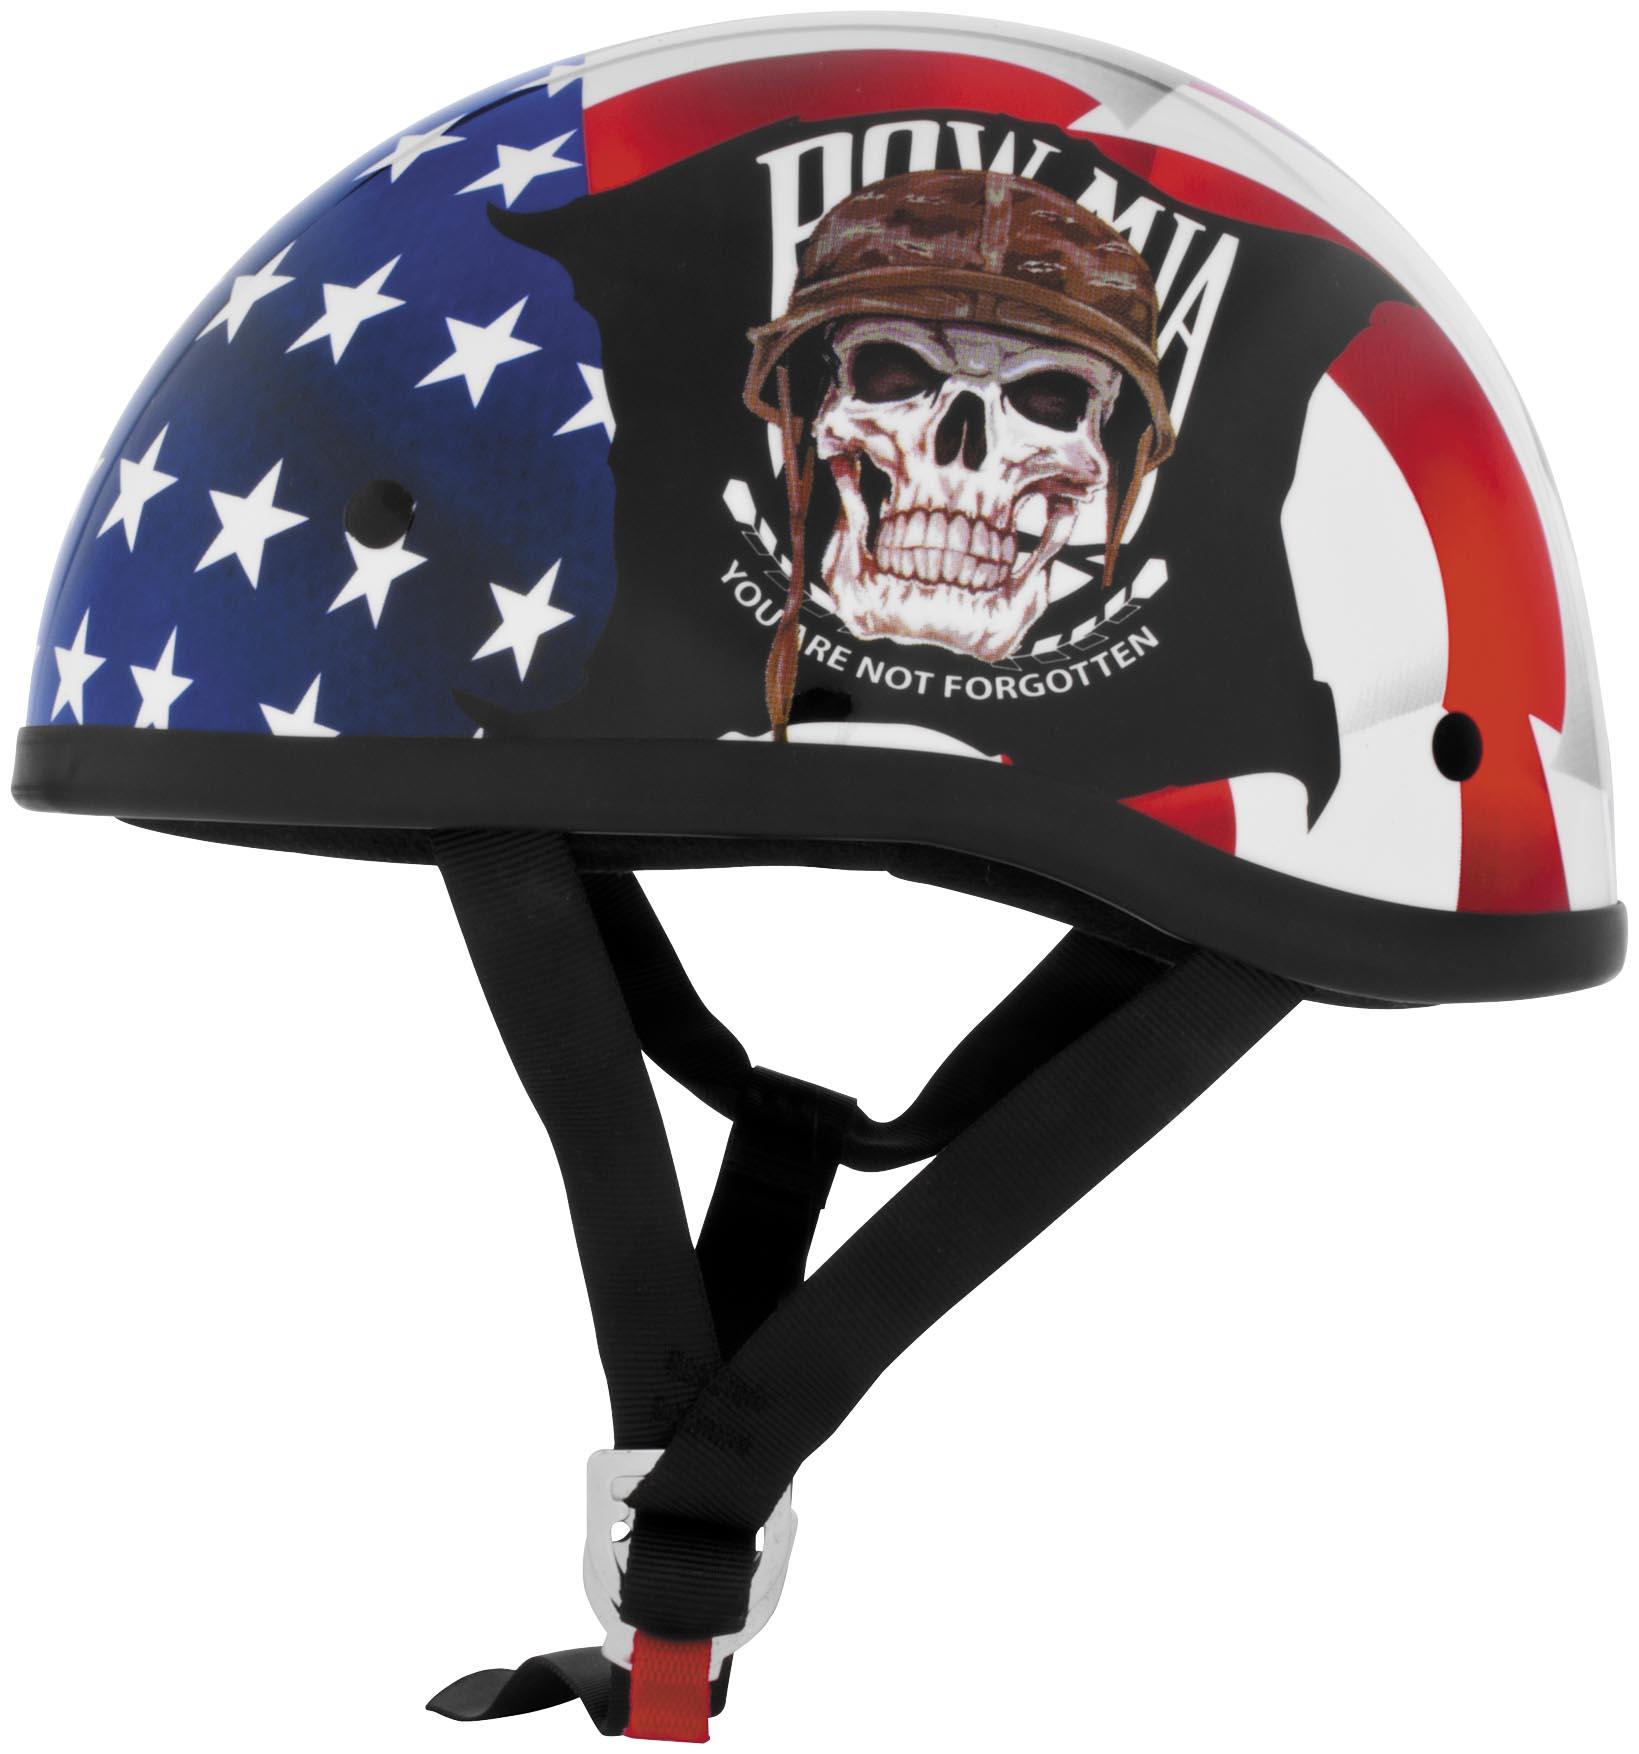 Original POW MIA Helmet